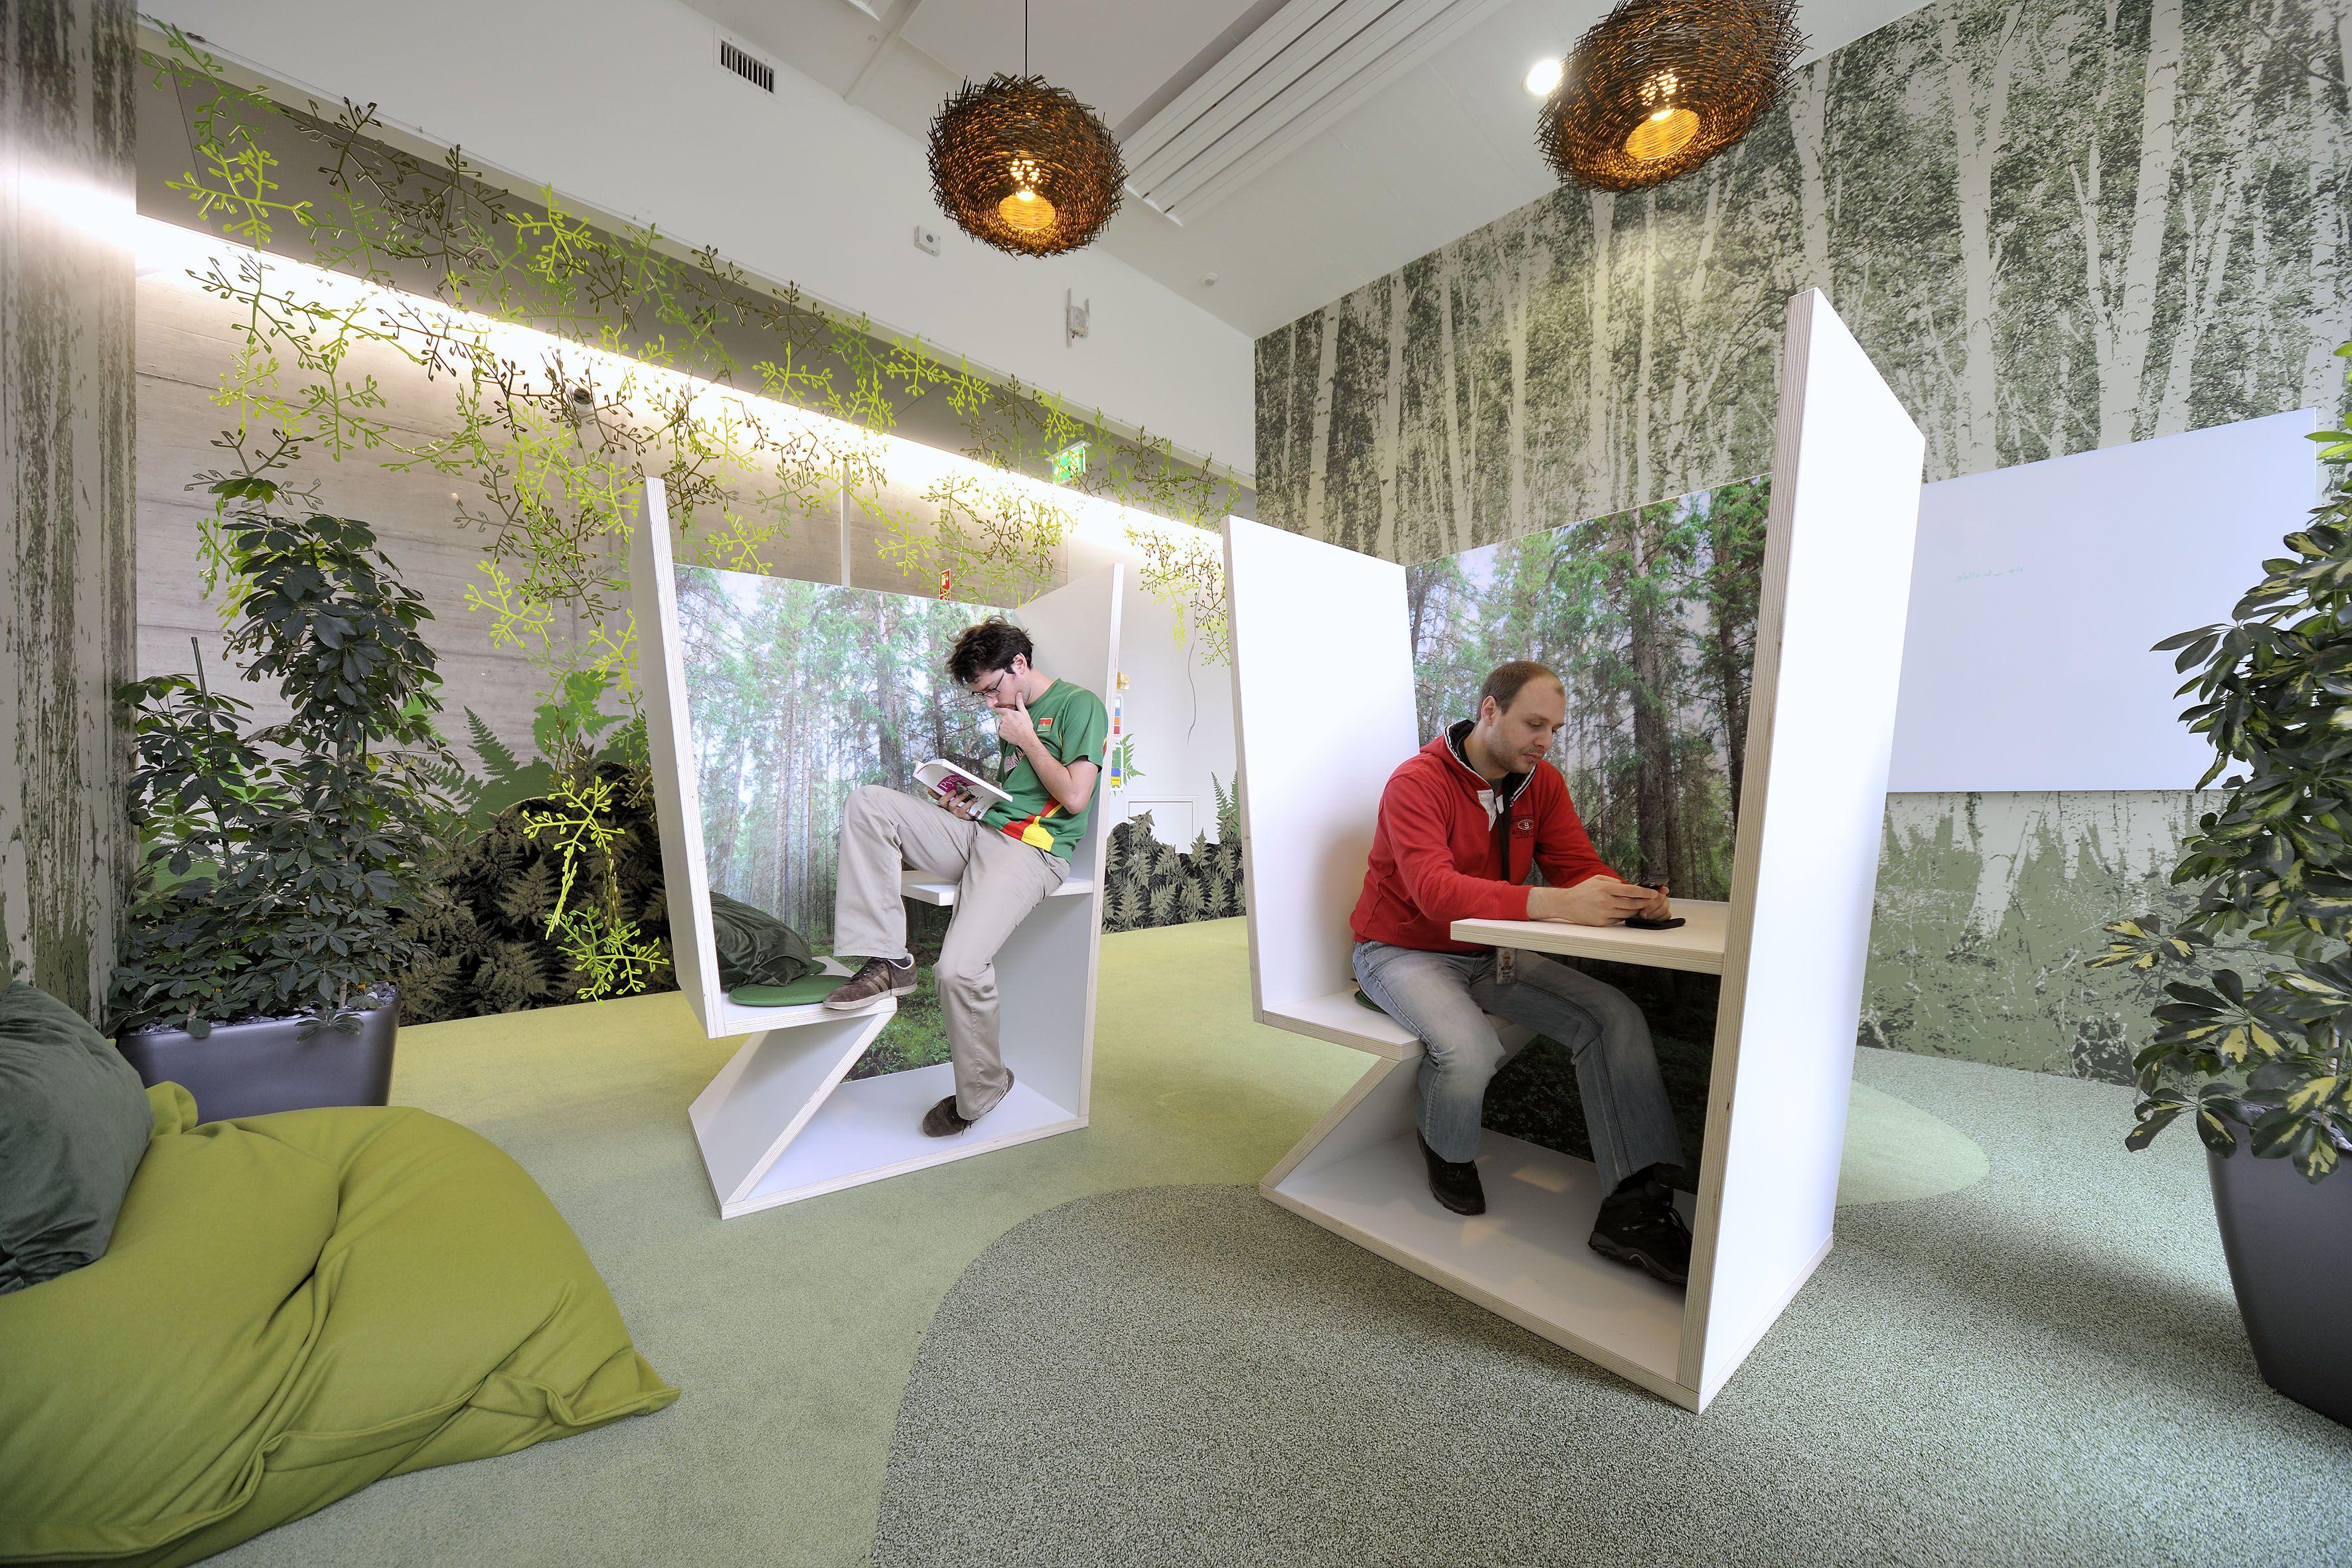 Google Zurich - Workspace - Focus #GoogleZurich, #Office, #Plants